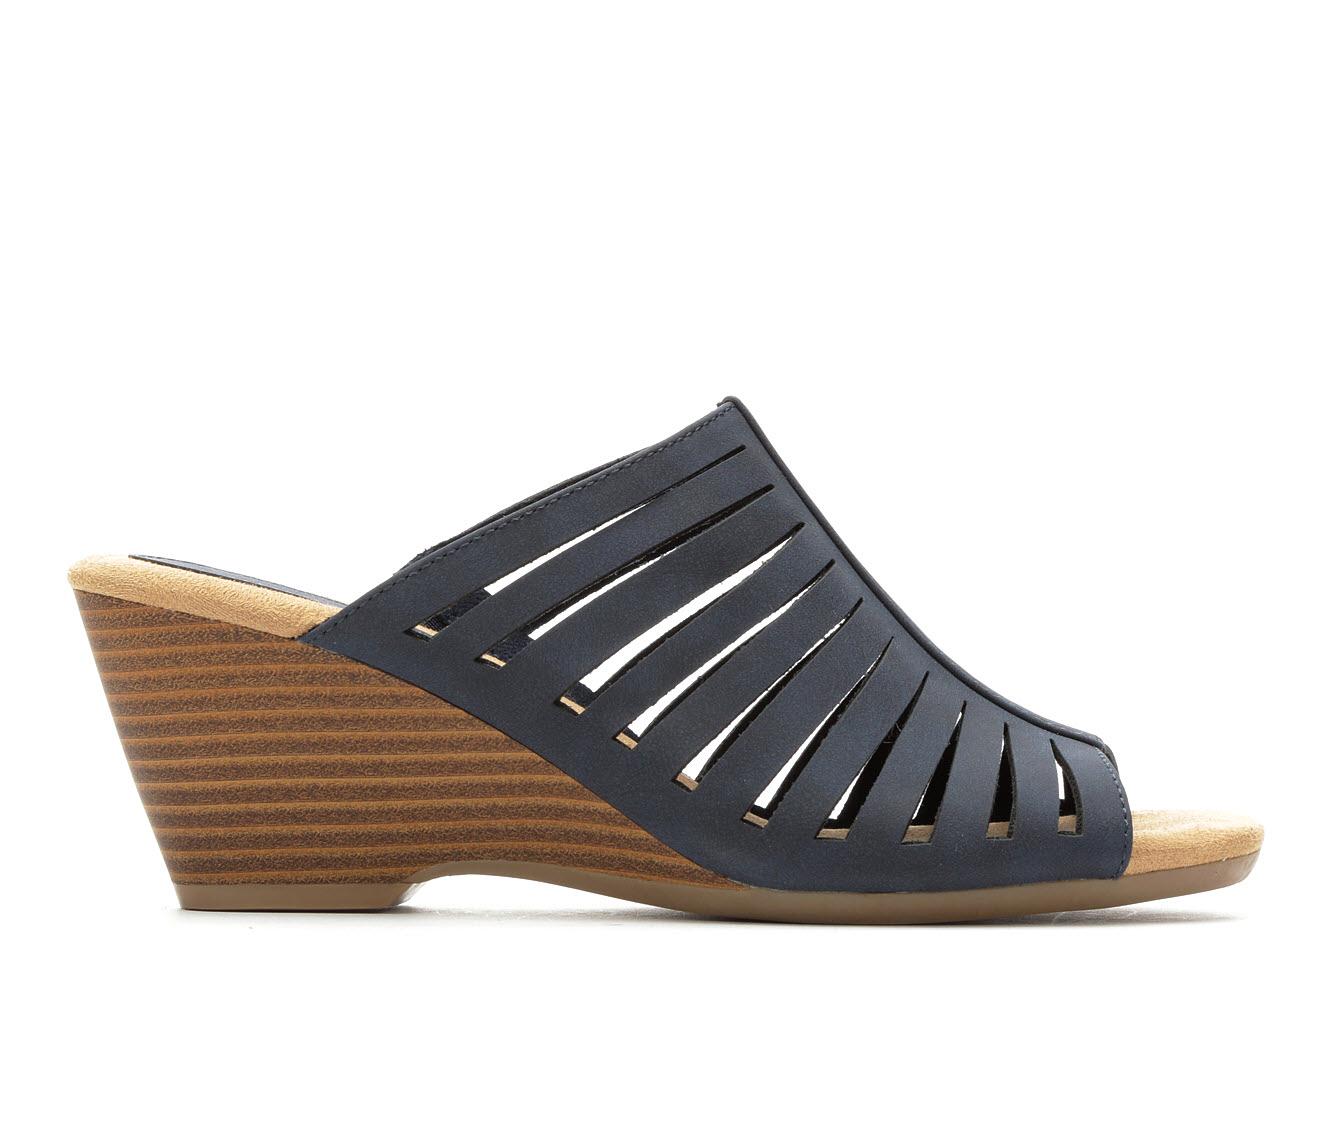 Solanz Paige Women's Dress Shoe (Blue Faux Leather)